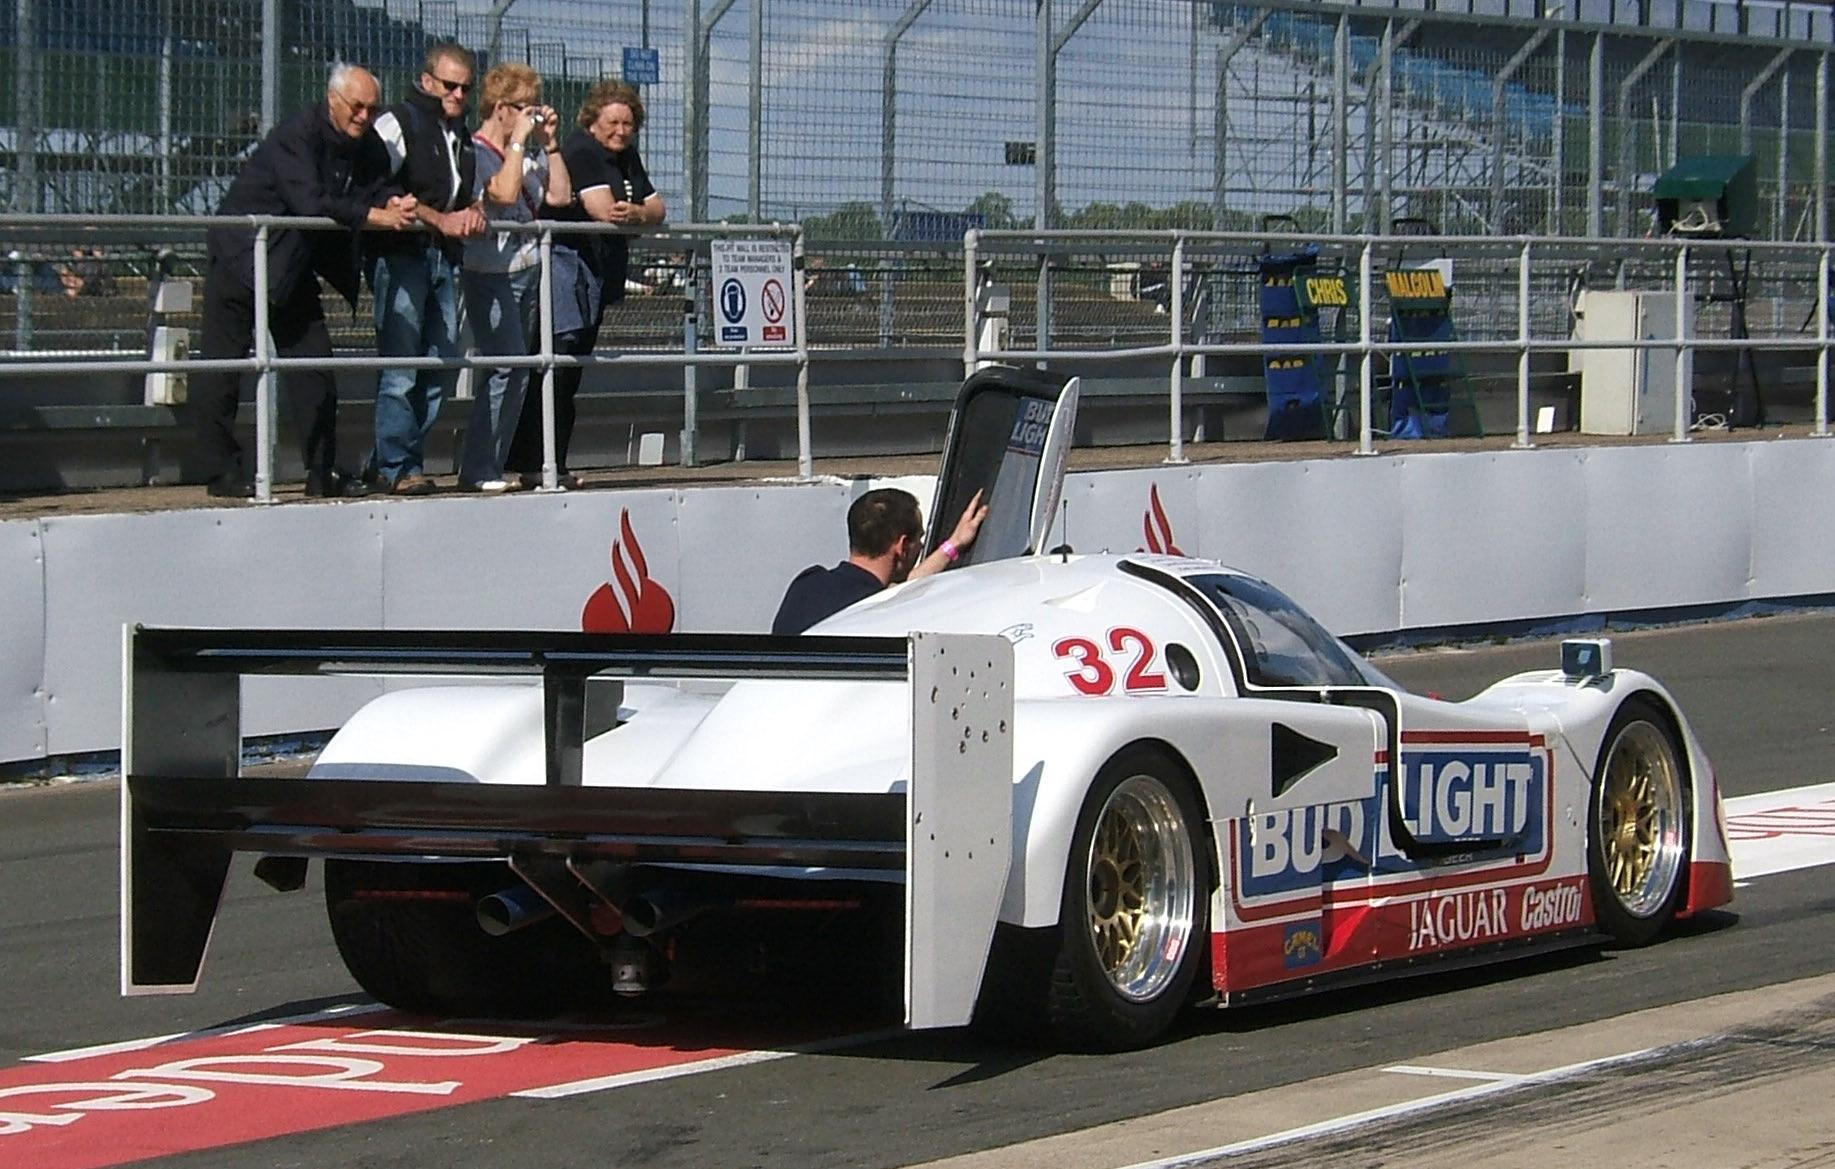 Jaguar Xjr 12